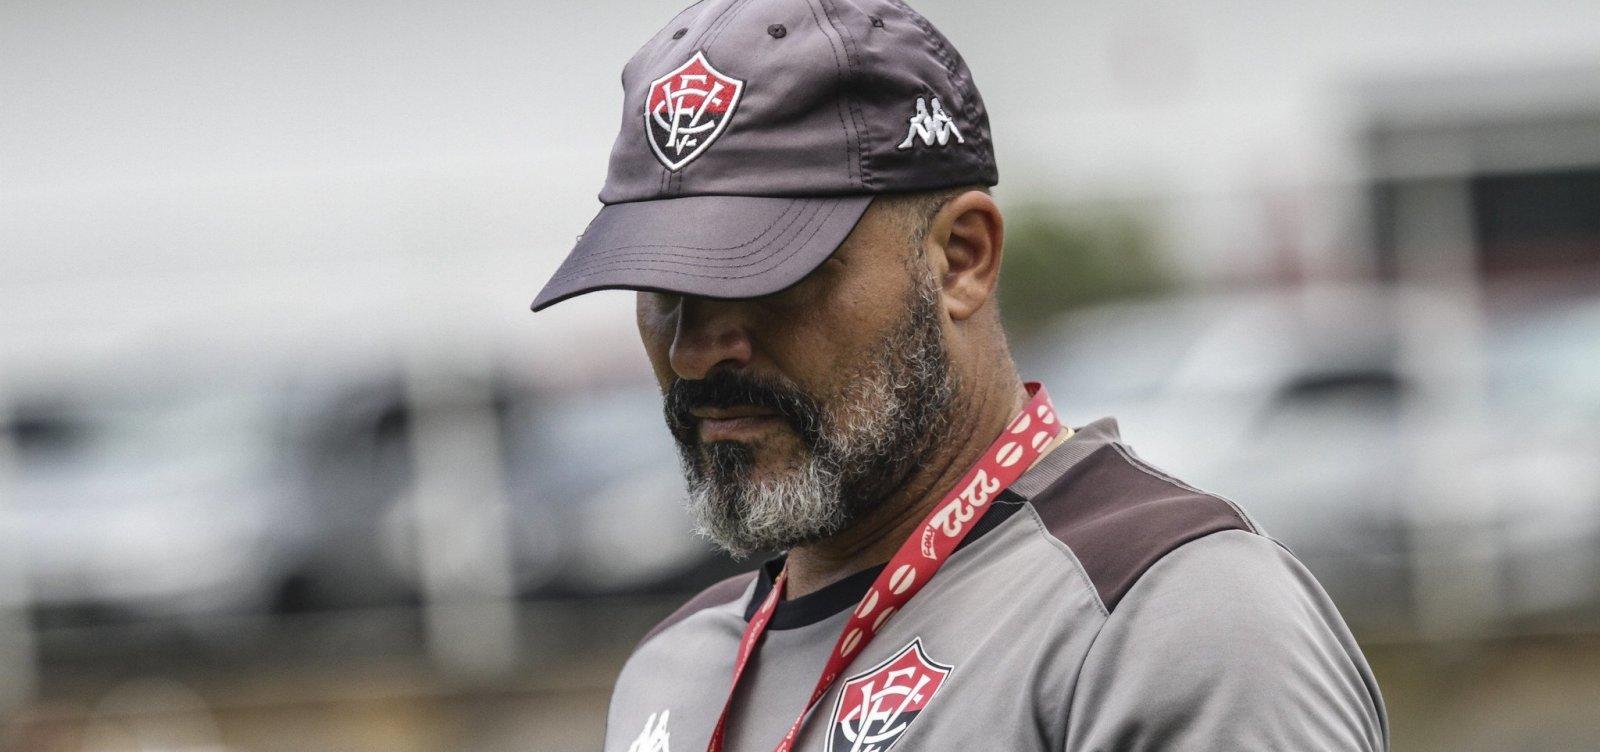 Flávio Tanajura, ex-jogador e auxiliar técnico no Vitória, é internado com Covid-19